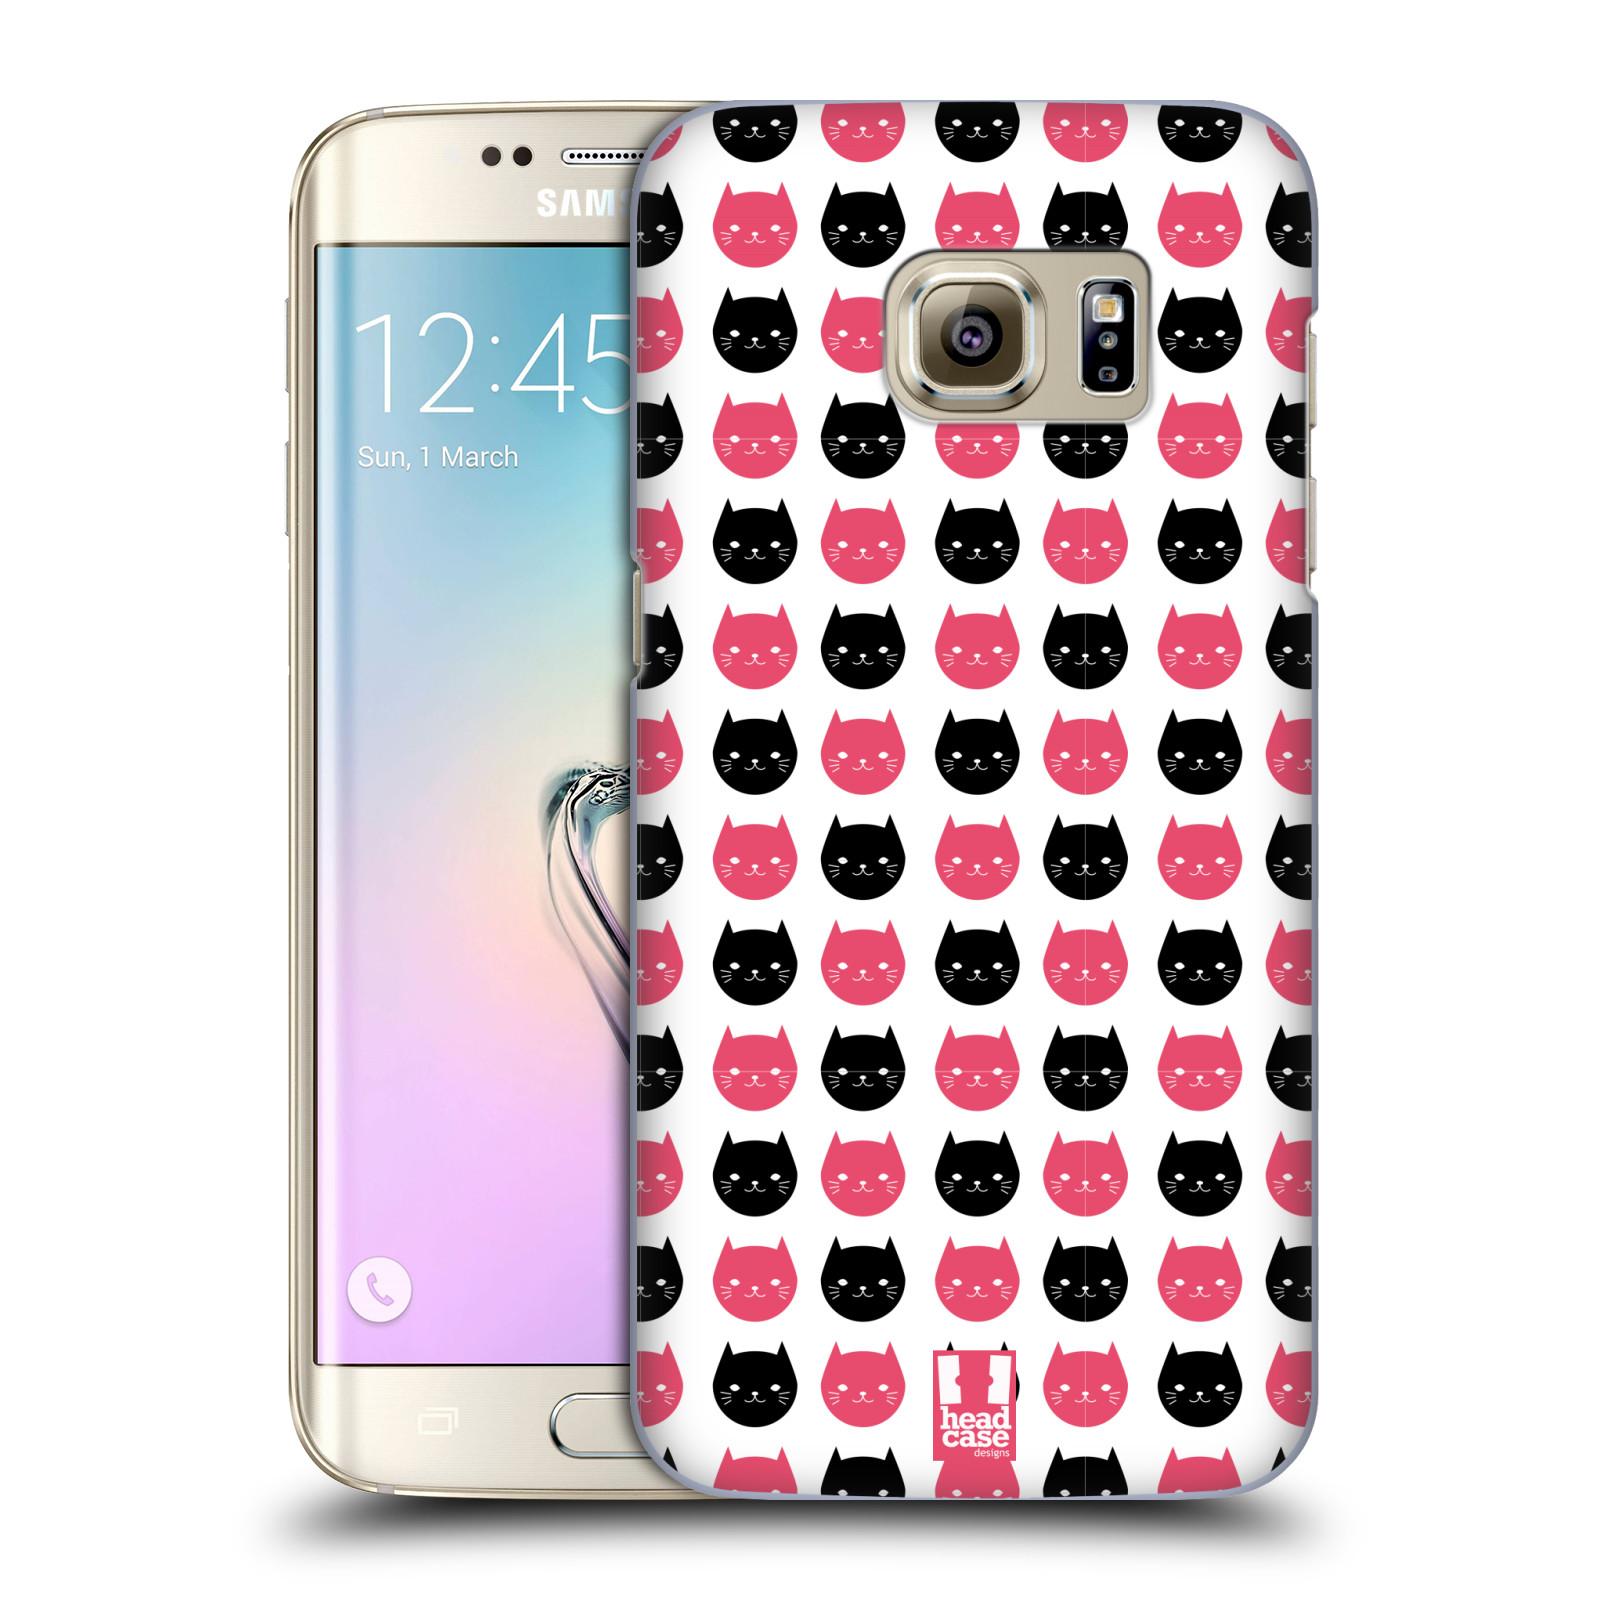 Plastové pouzdro na mobil Samsung Galaxy S7 Edge HEAD CASE KOČKY Black and Pink (Kryt či obal na mobilní telefon Samsung Galaxy S7 Edge SM-G935F)